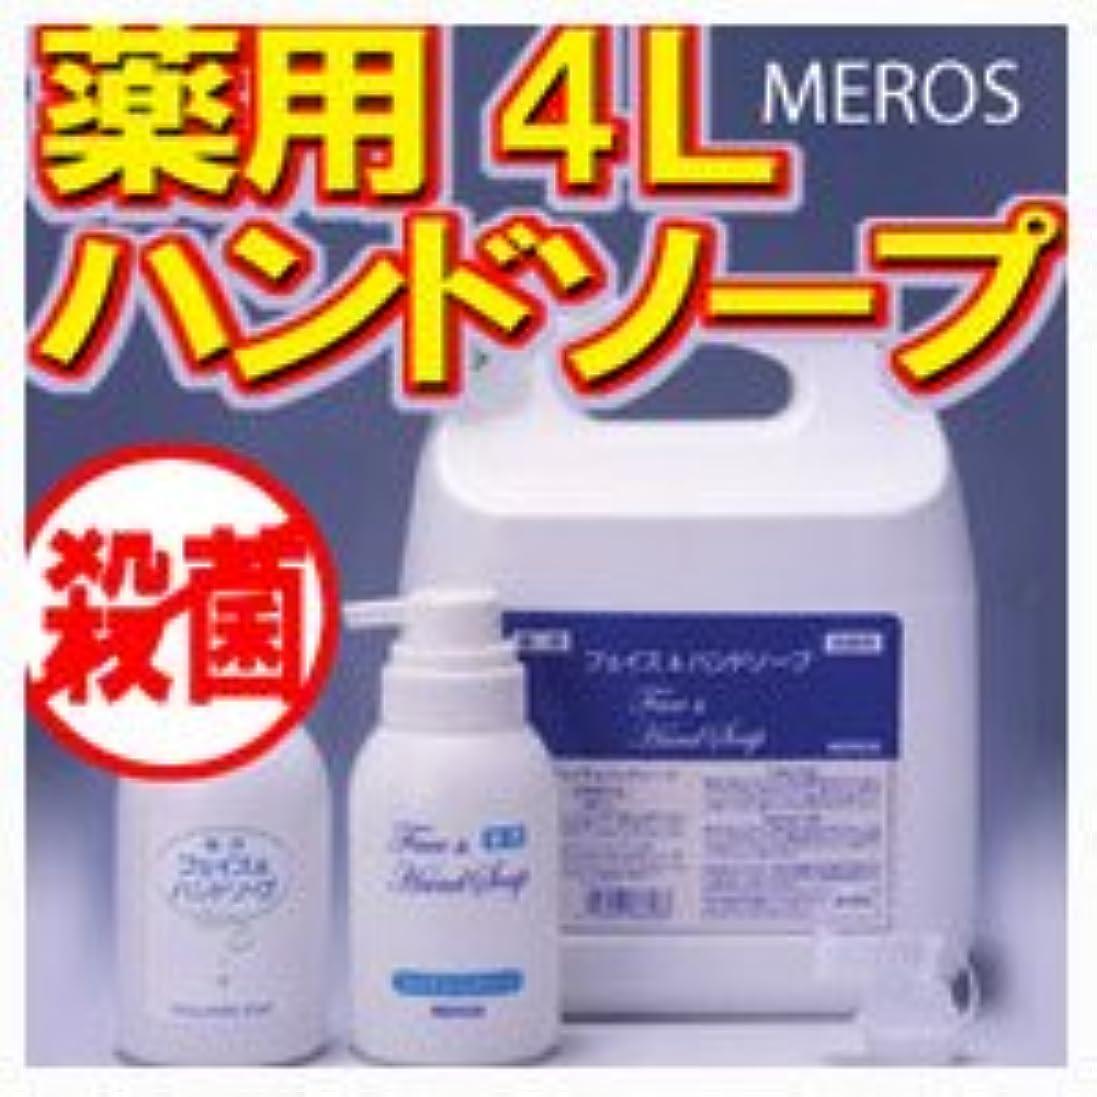 コンデンサーズーム吐くメロス 薬用ハンドソープ 4L 【泡ポンプボトル付き】